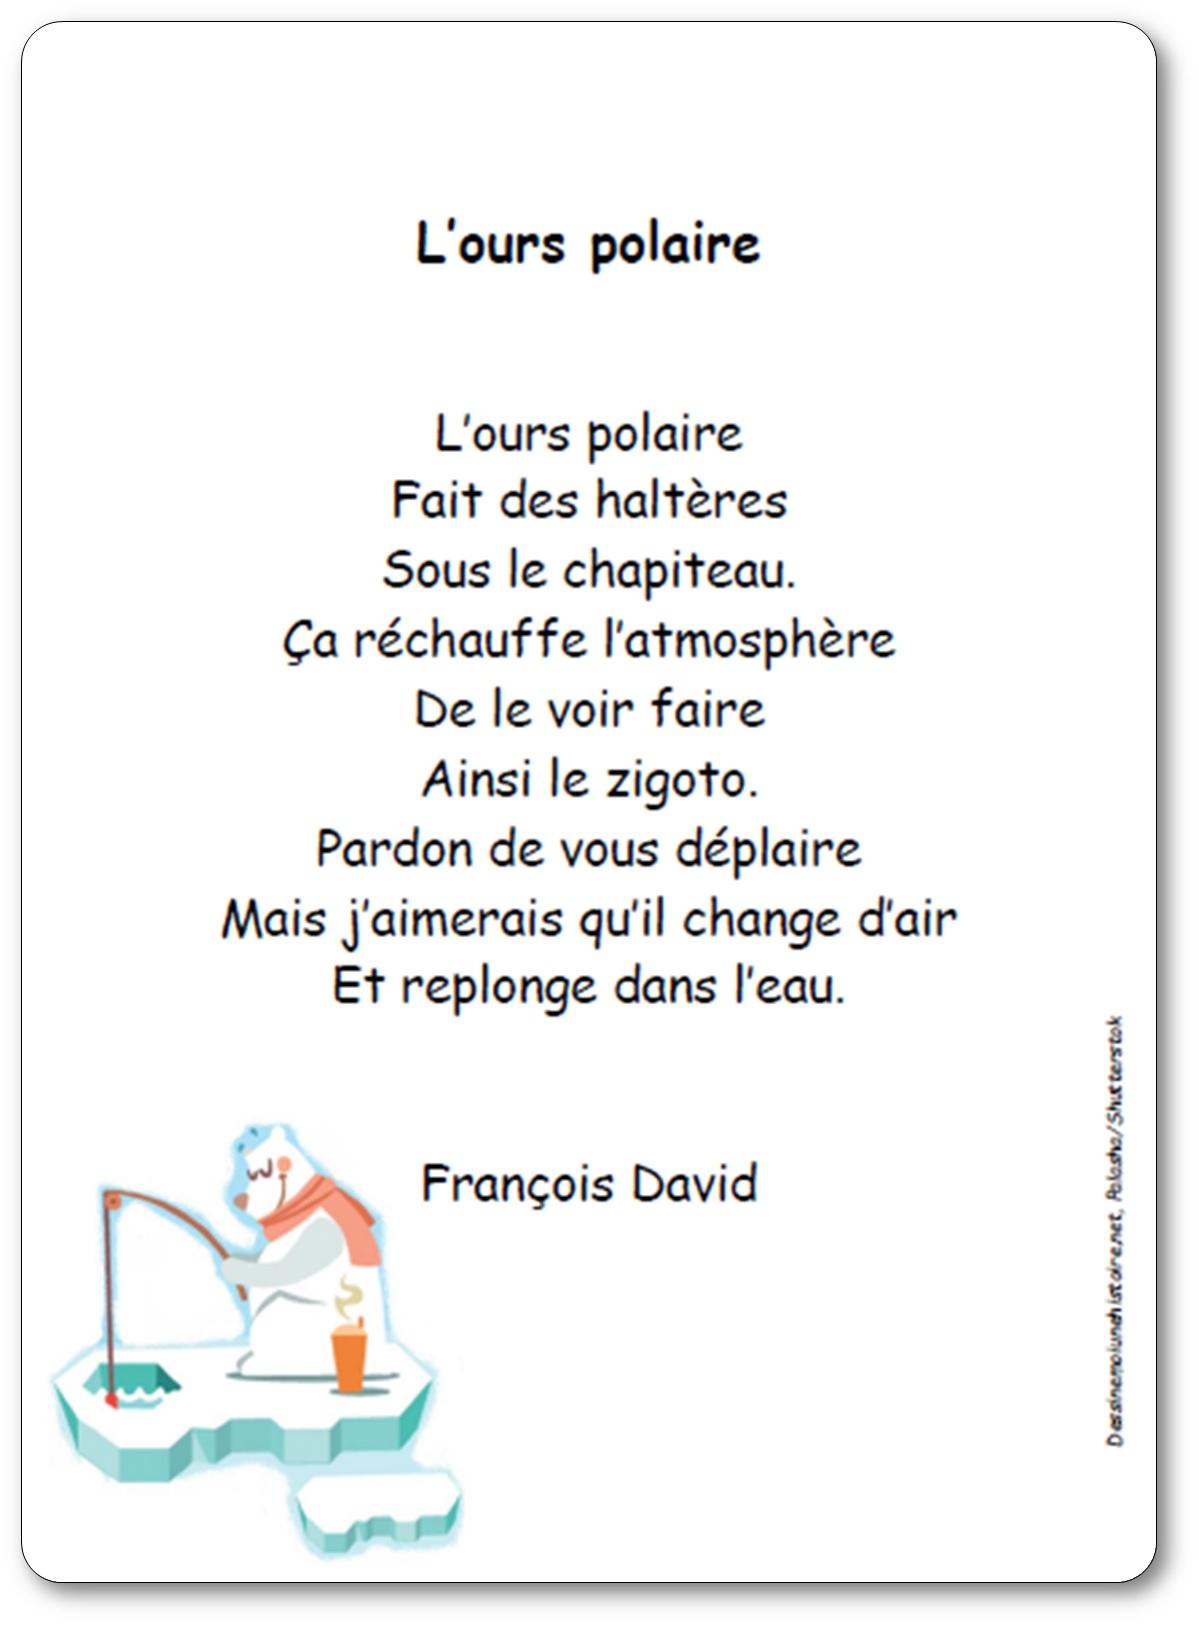 Poésie L'ours polaire de François David, poésie ours polaire